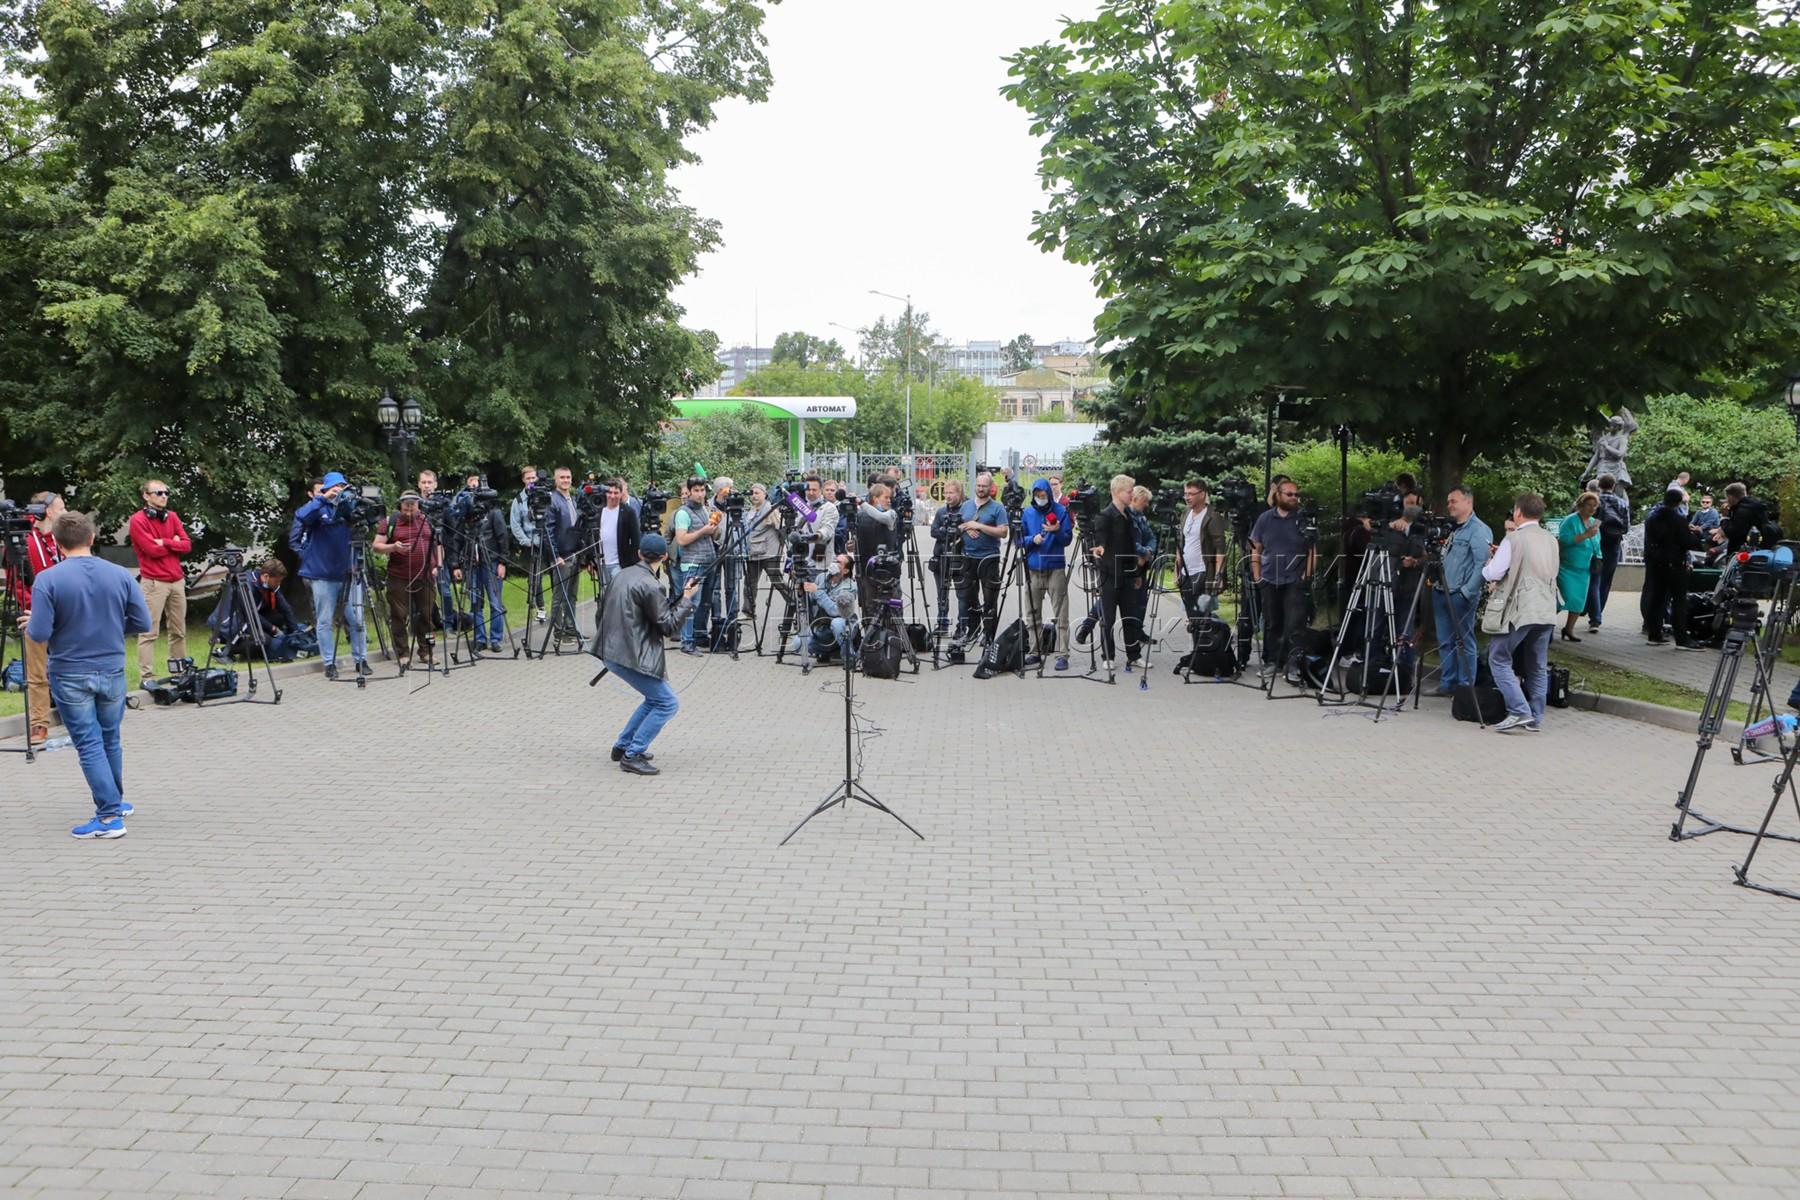 Адвокаты сестер Хачатурян, обвиняемых в убийстве отца, перед предварительным слушанием в Московском городском суде.